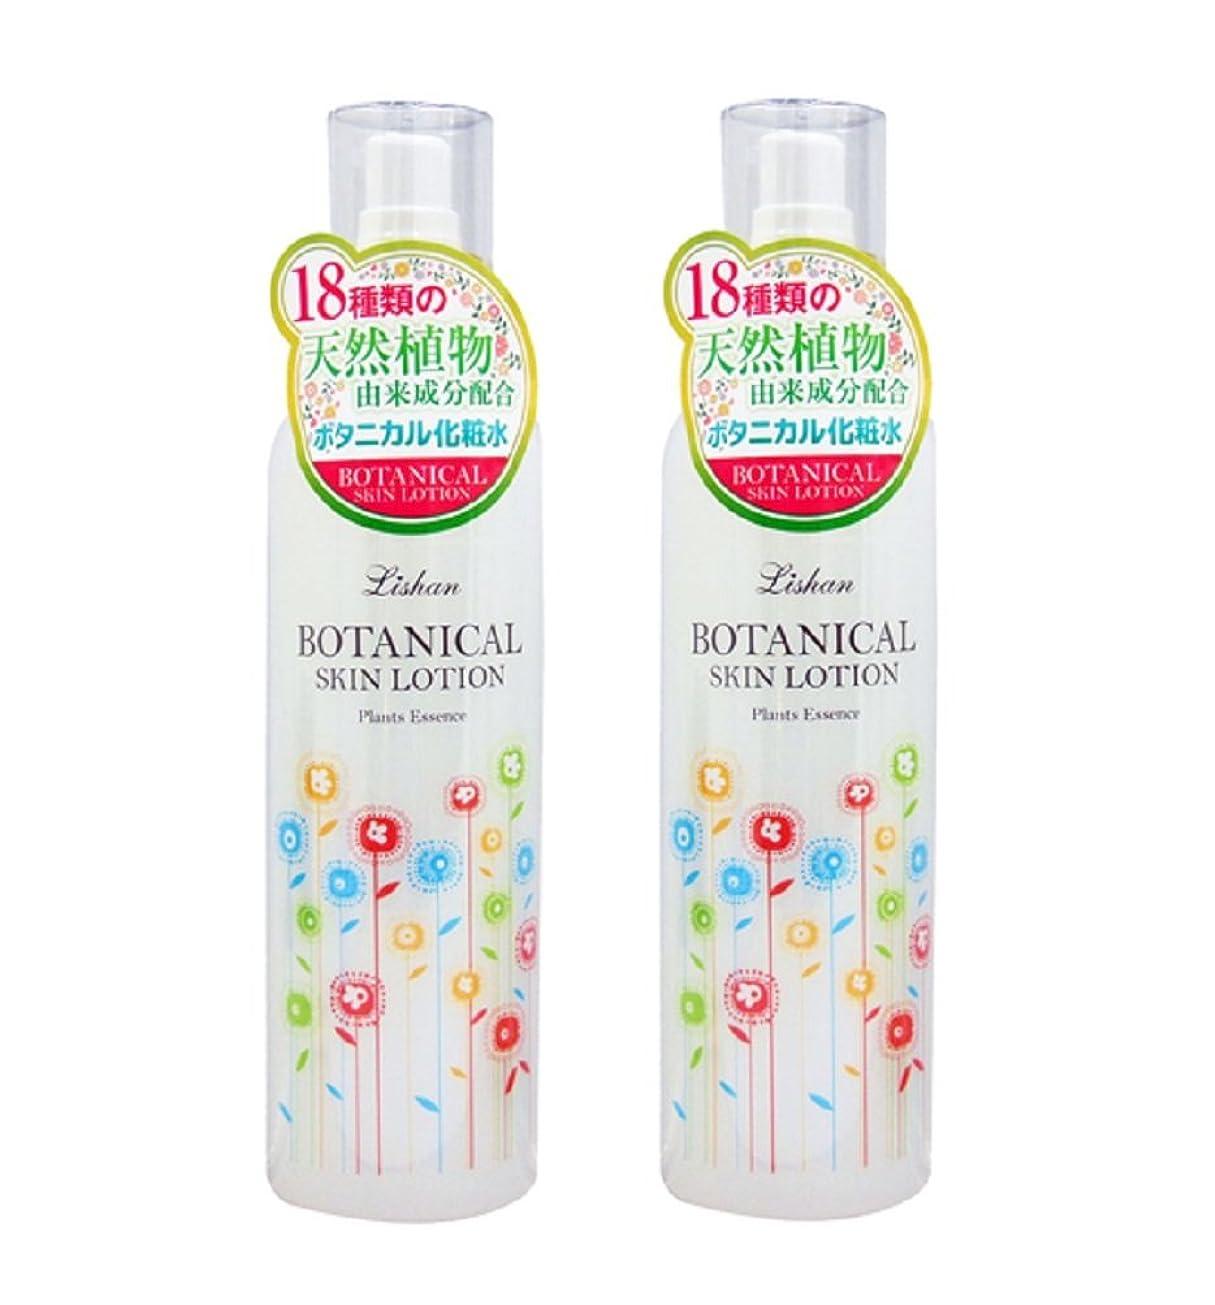 警報近代化する相手リシャン ボタニカル化粧水 フローラルの香り 260ml×2本セット